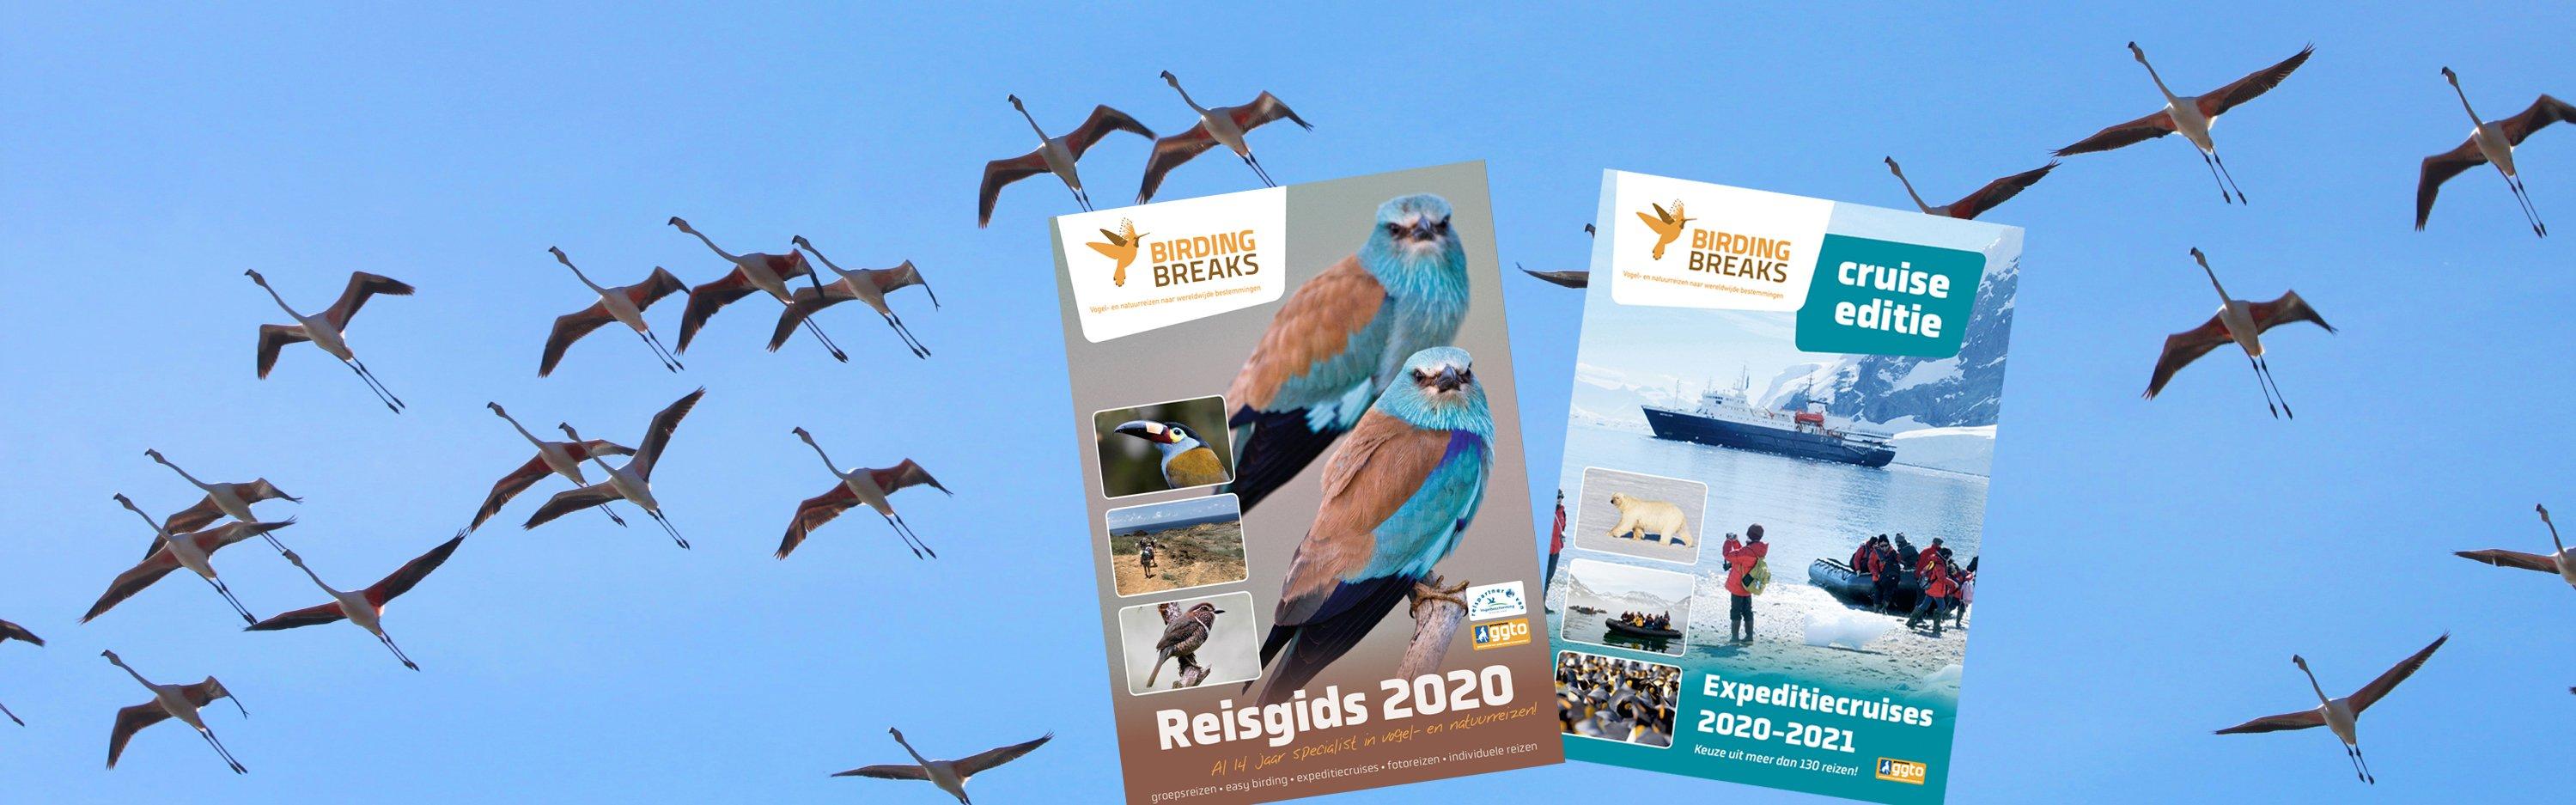 BirdingBreaks Reisgids 2020